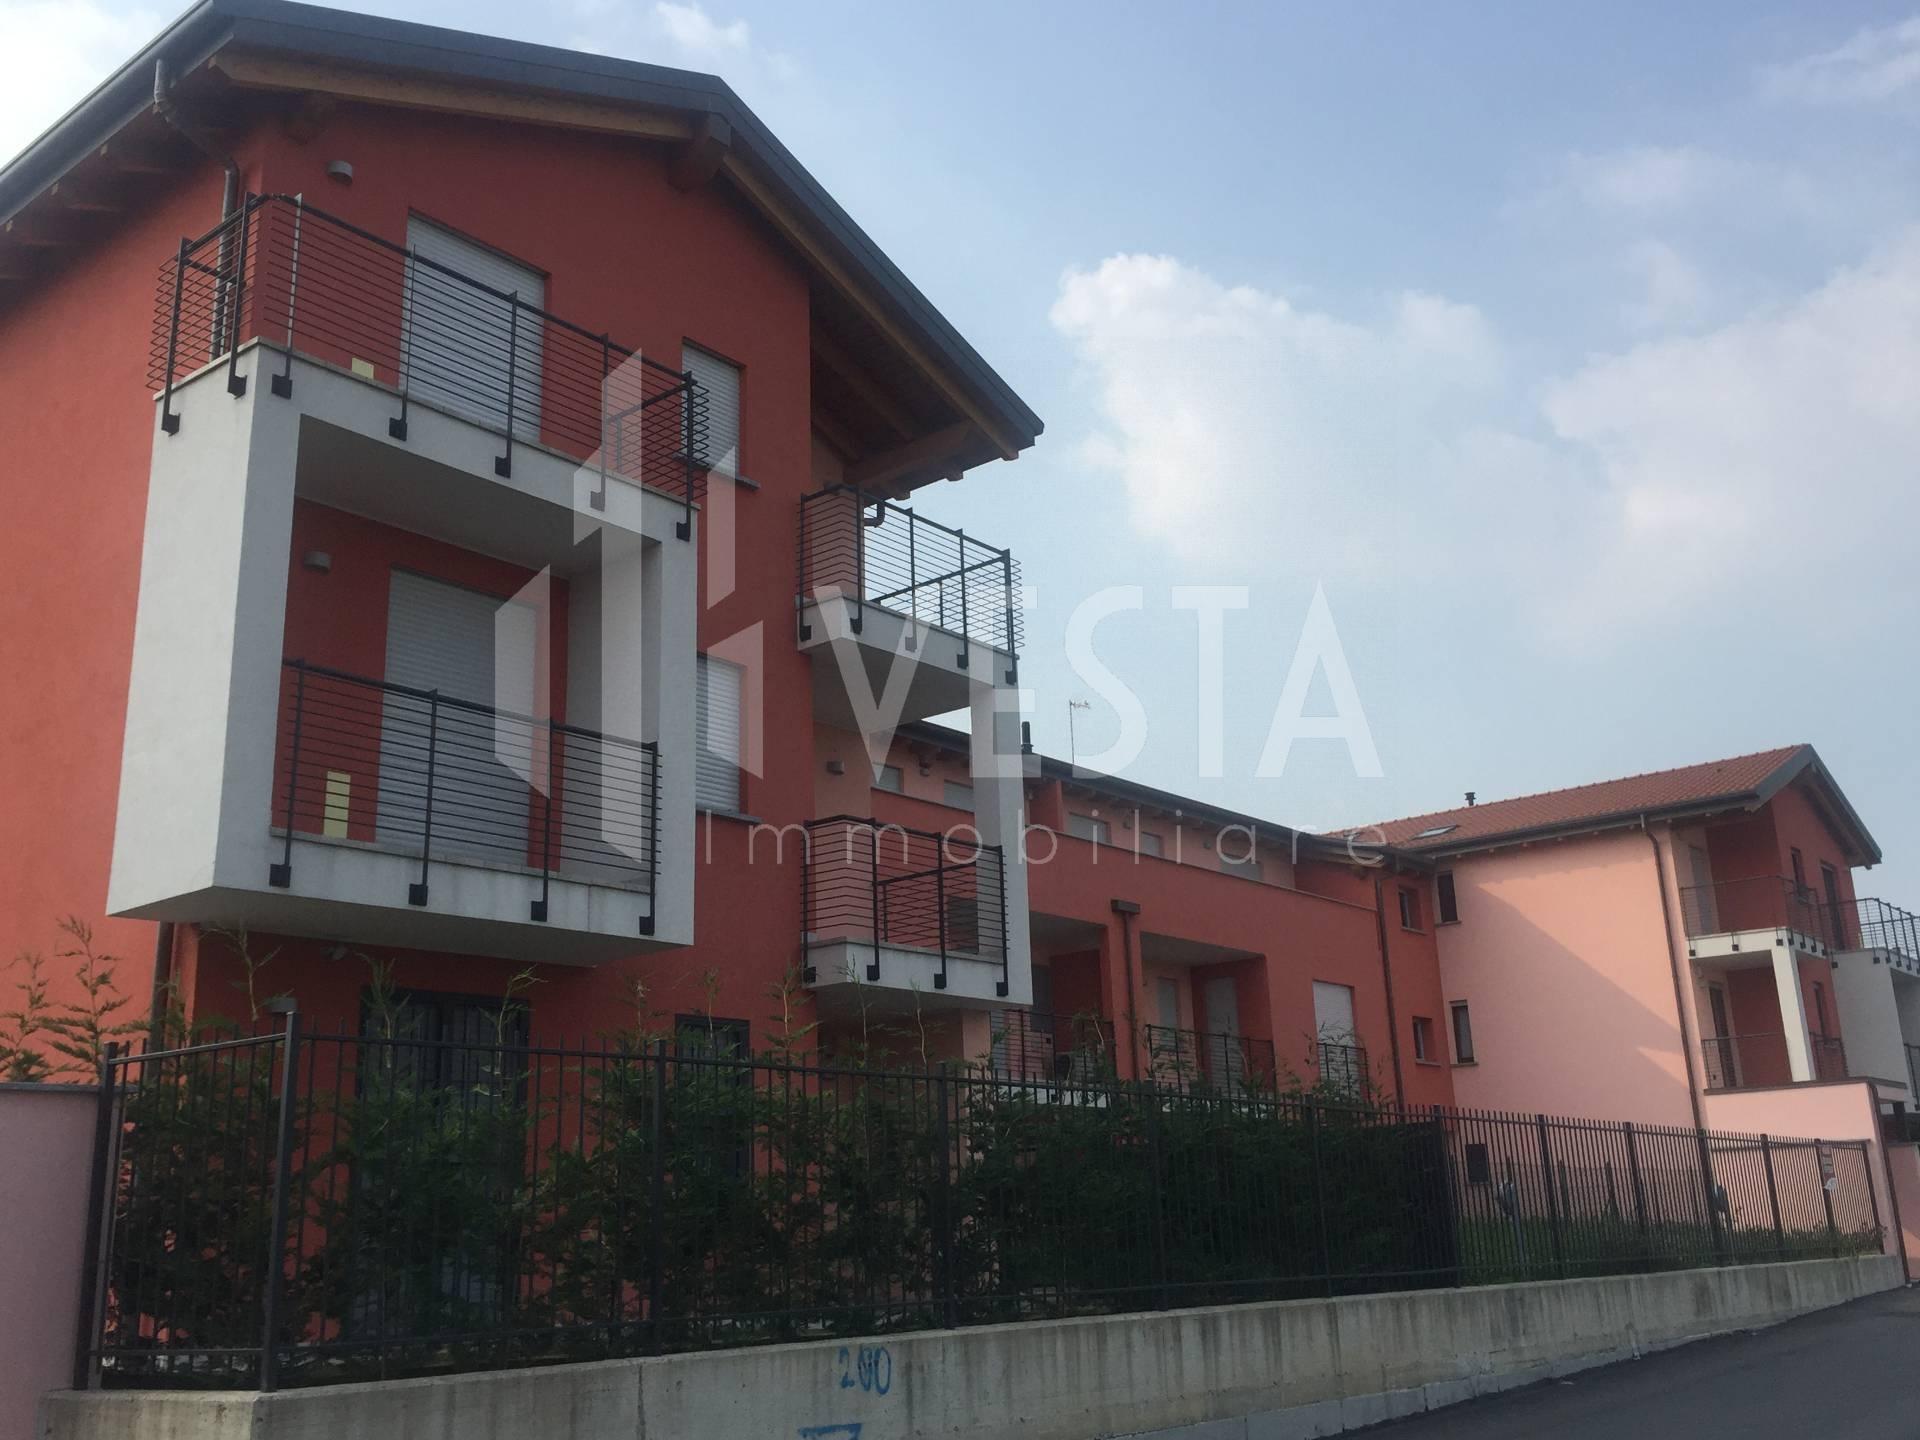 Appartamento in affitto a Ronco Briantino, 2 locali, zona Località: semicentro, prezzo € 530 | CambioCasa.it